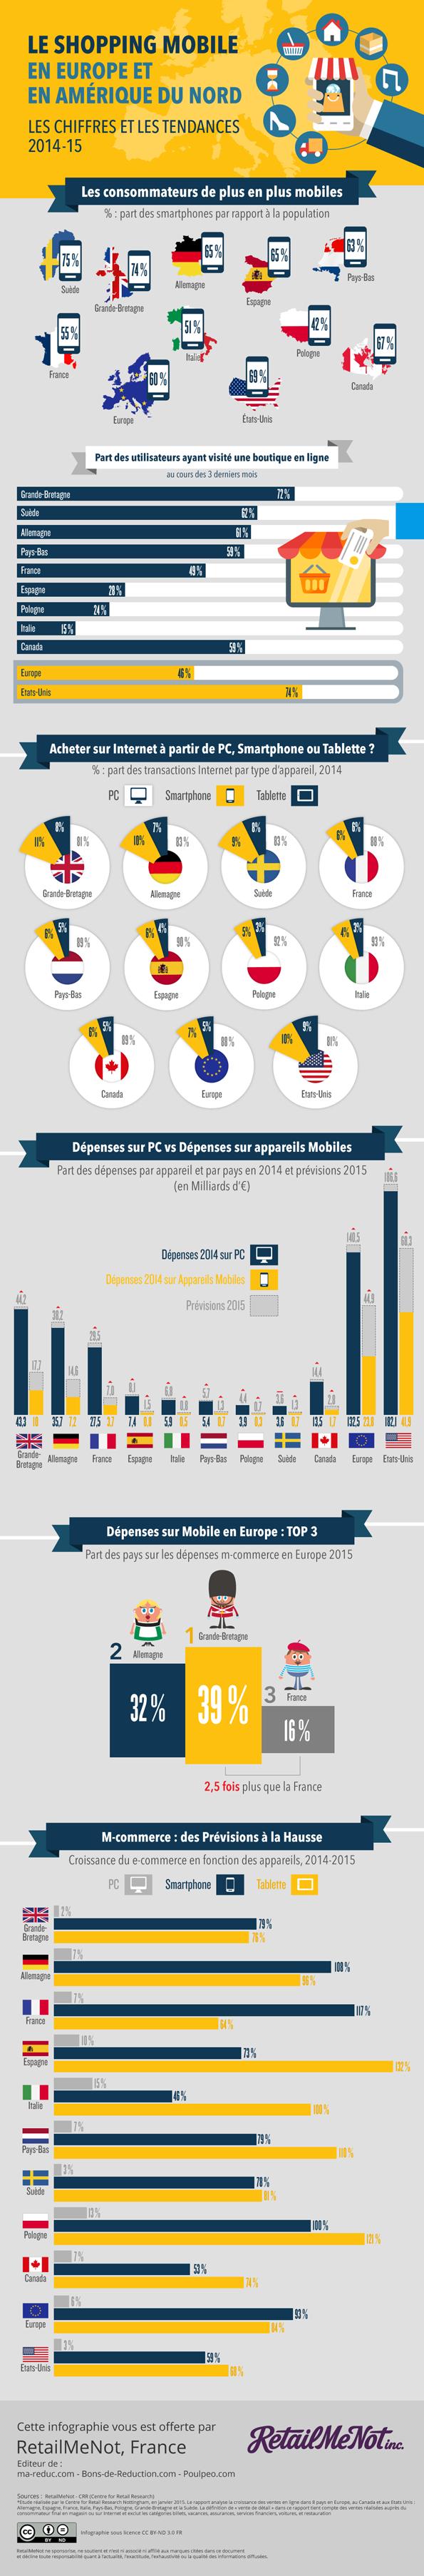 Infographie : le shopping mobile en Europe et en Amérique du Nord